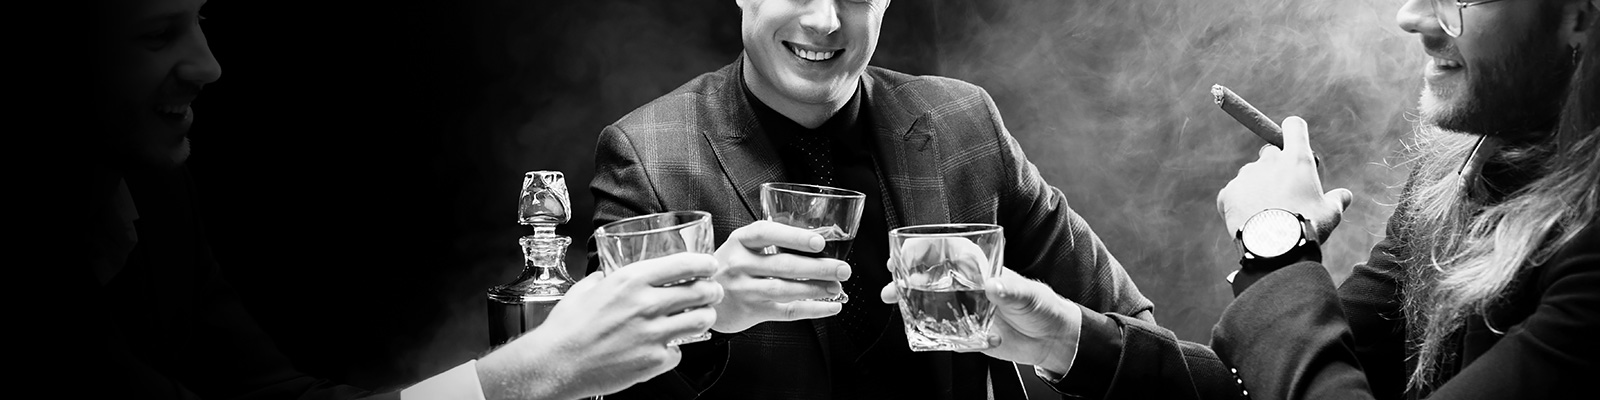 ウイスキー 交流 イメージ